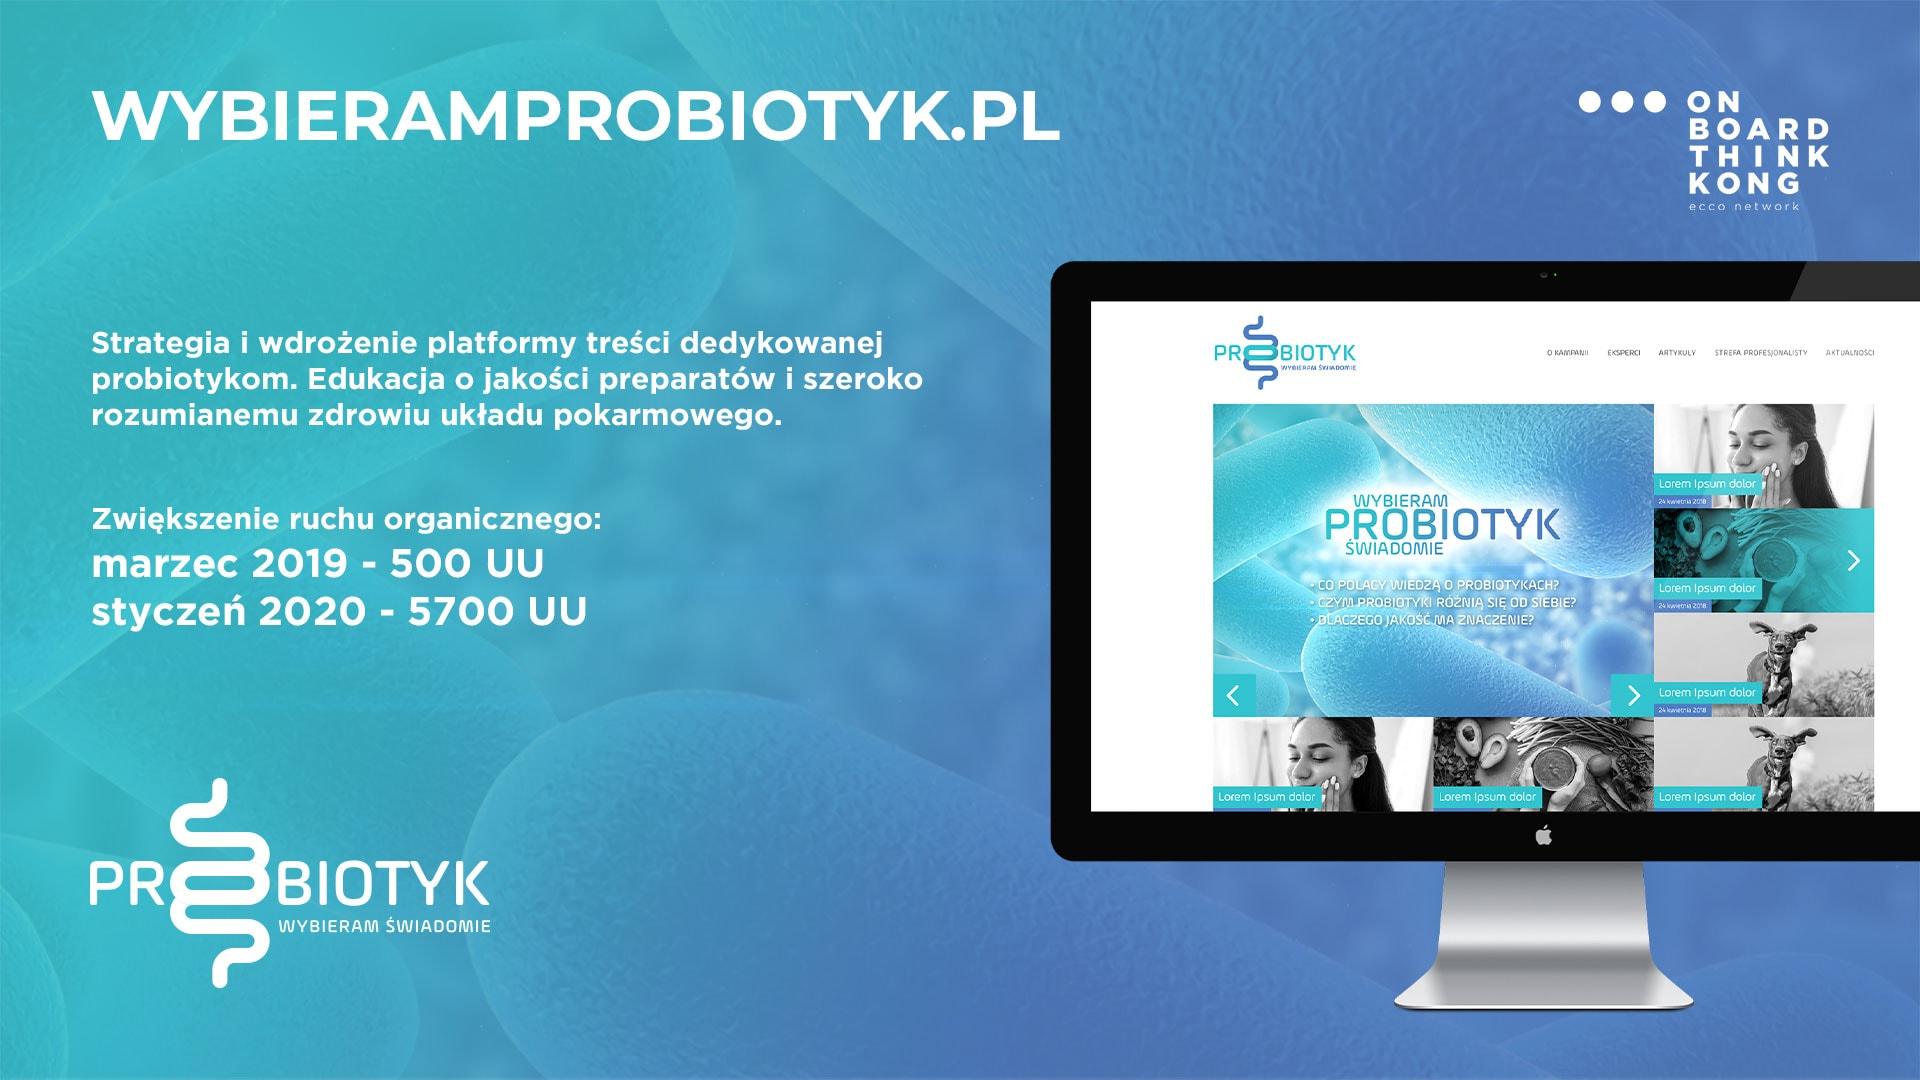 Wybieramprobiotyk.pl - Case Content Marketing